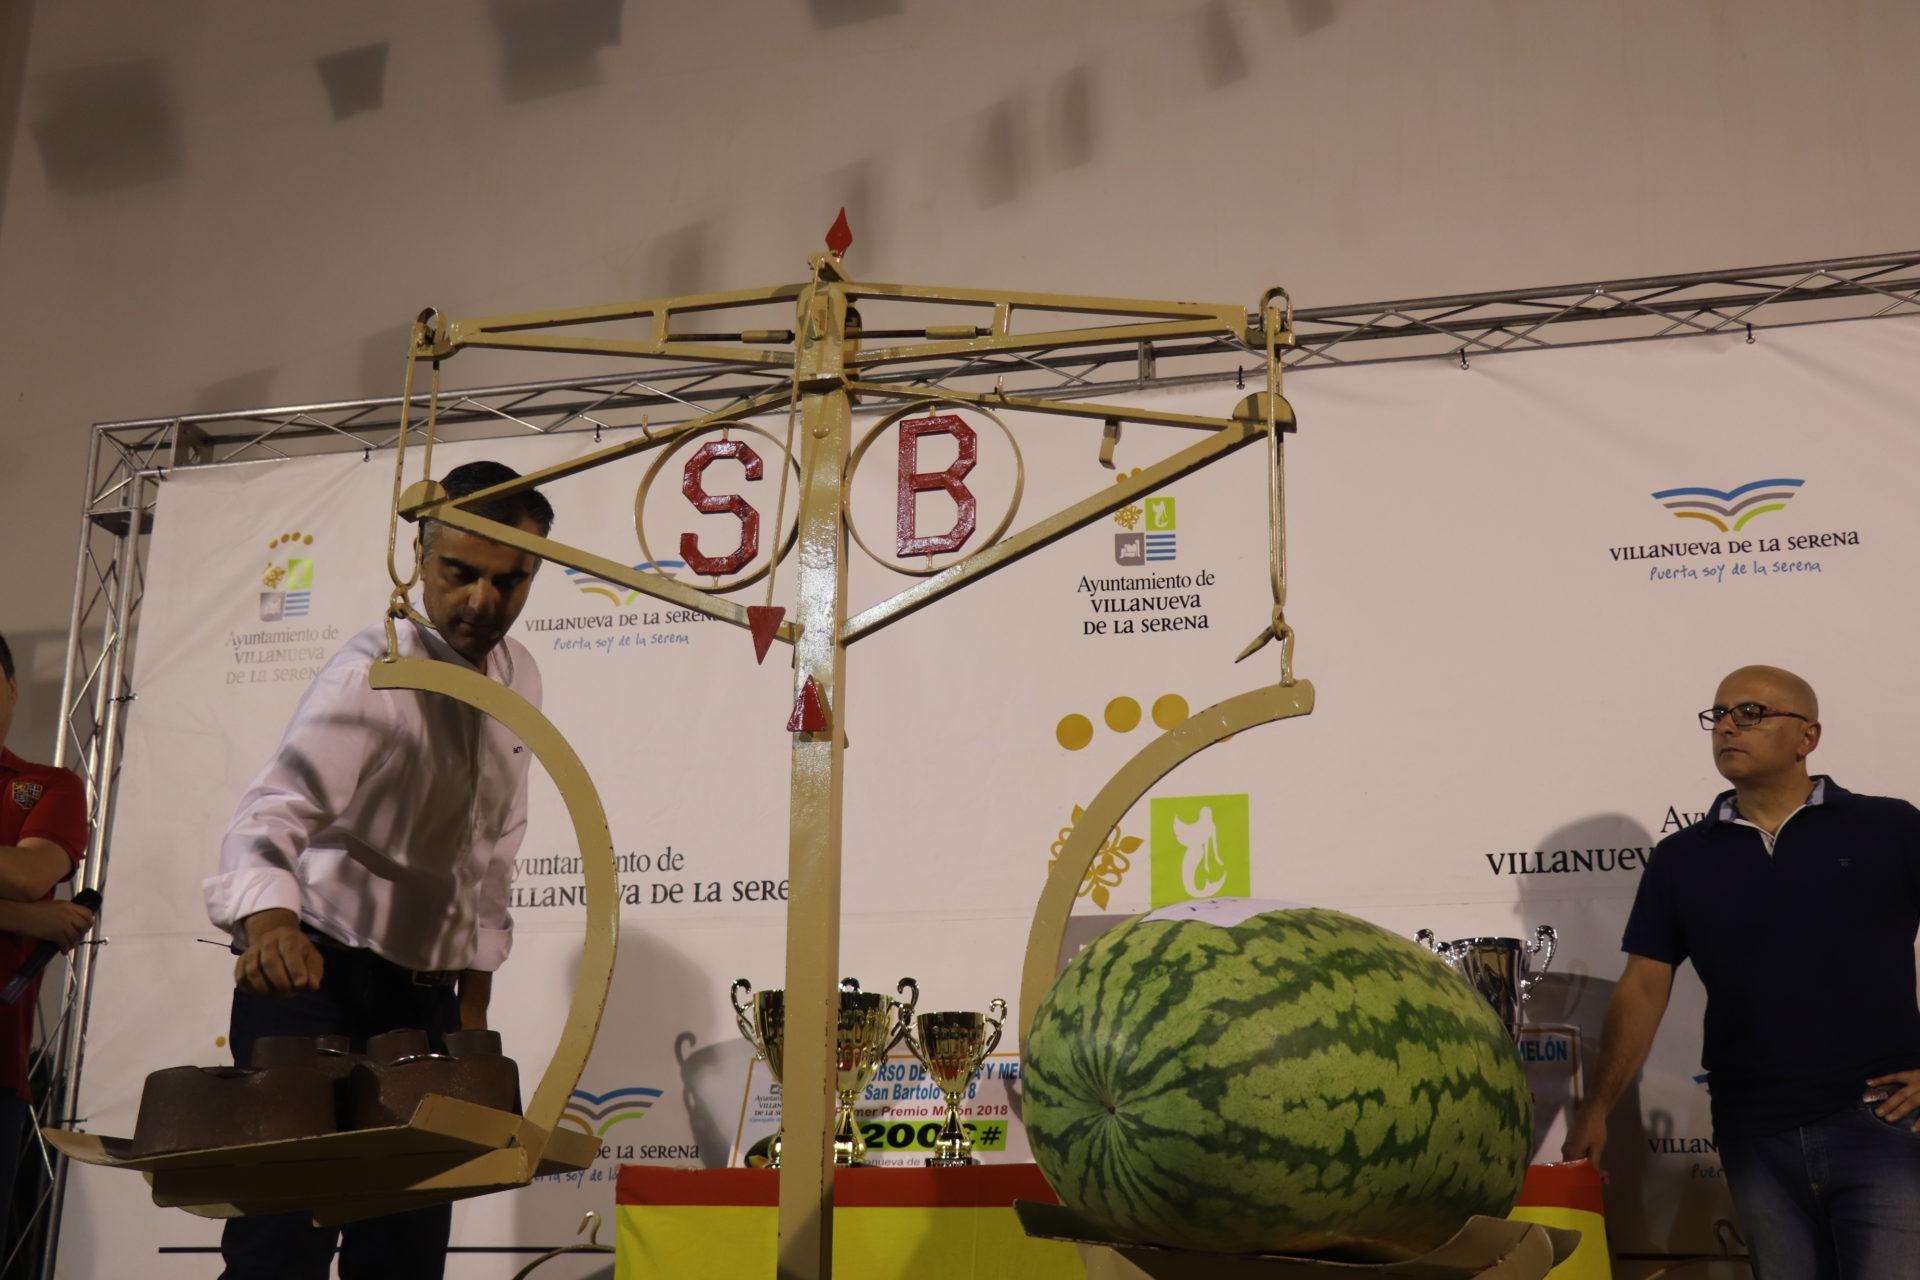 Los frutos mayores de 50 kg en sandía y 15 kg en melón, tendrán dotación económica en el 58 Concurso de Sandía y Melón Rufino Pineda Mendoza